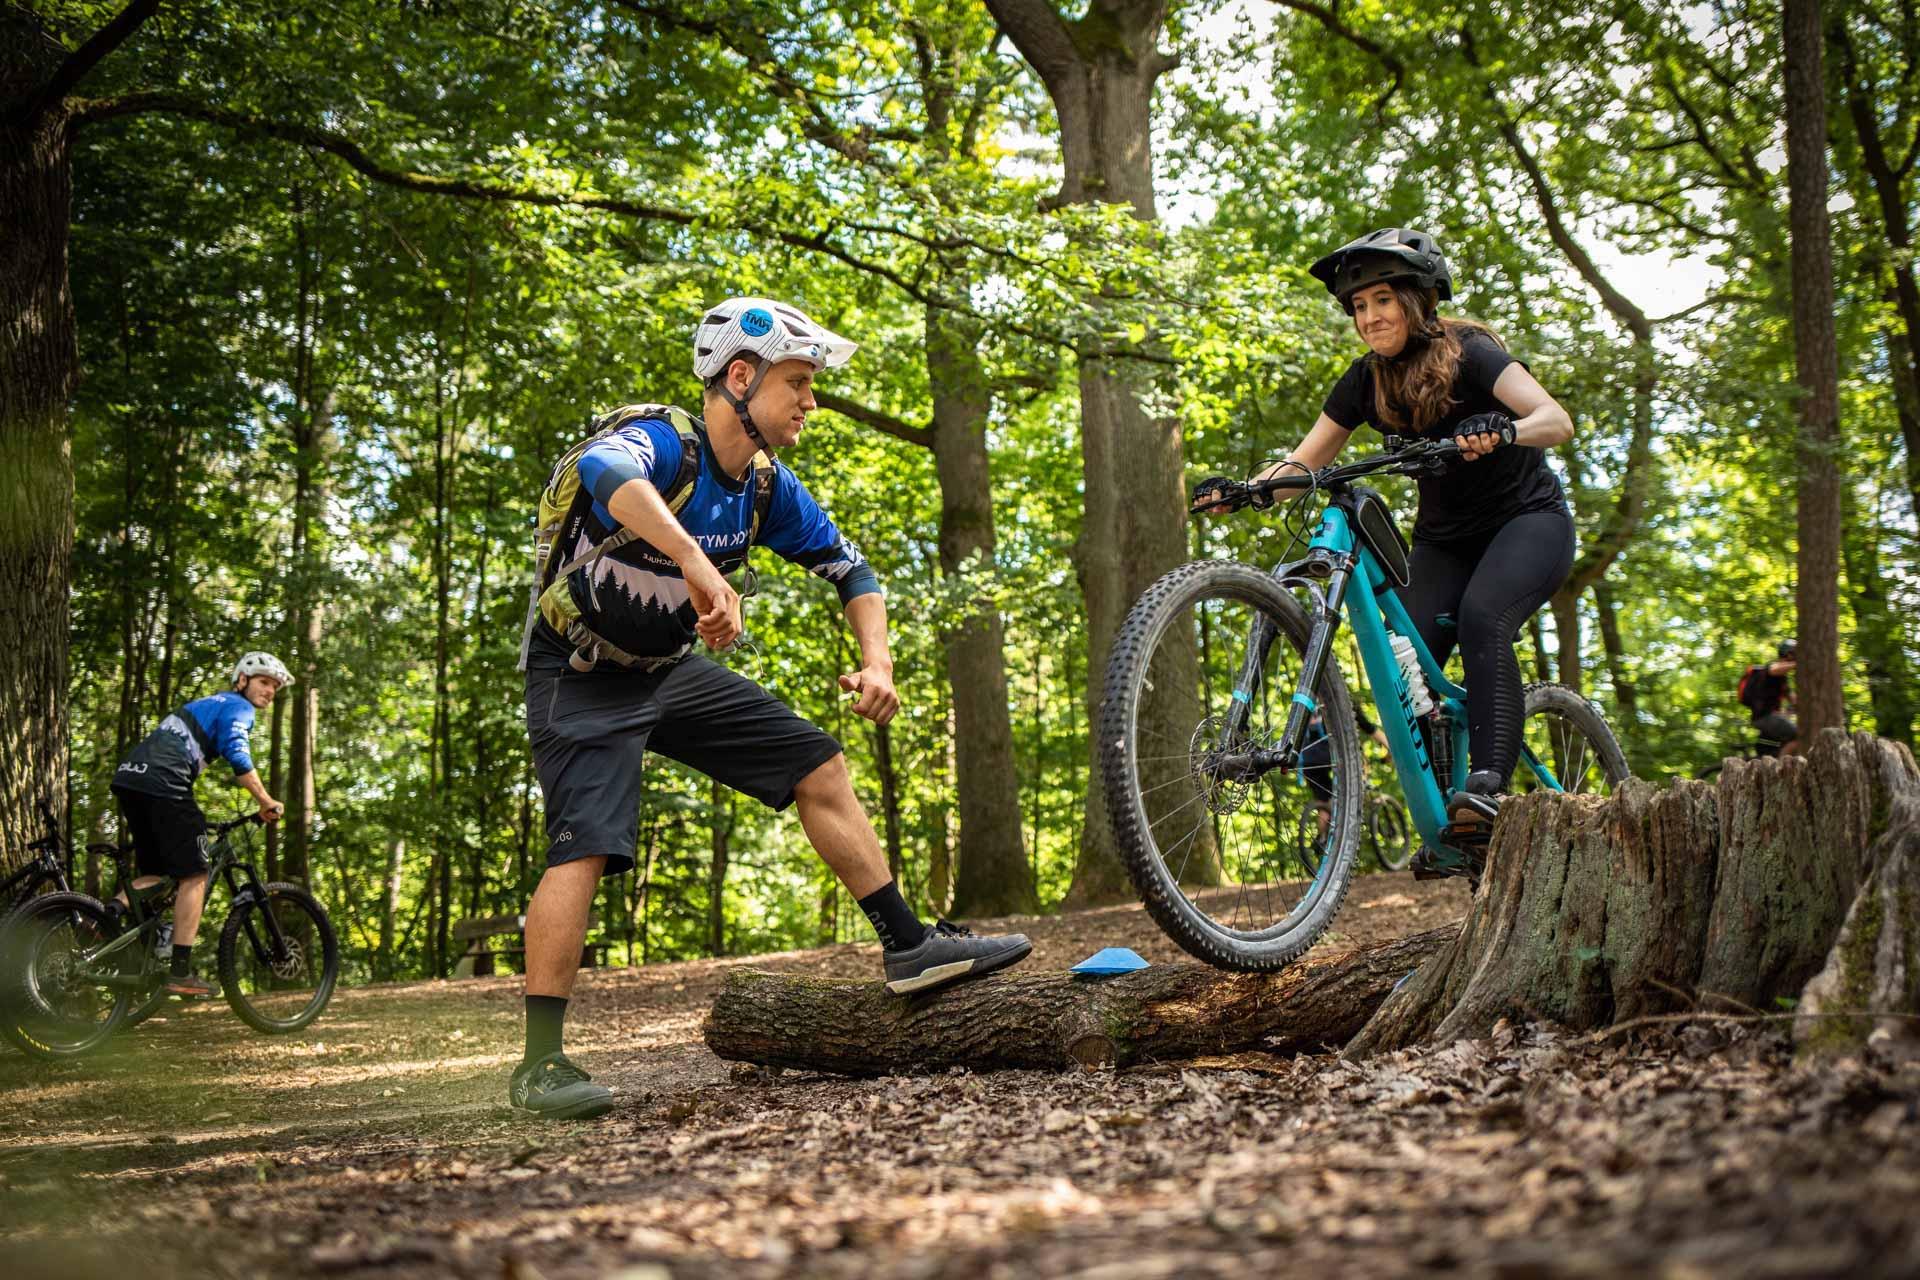 MTB Fahrtechnik Kurs für Einsteiger in Bad Orb   Spessart - Mountainbike Basic - Rock my Trail Bikeschule - 1